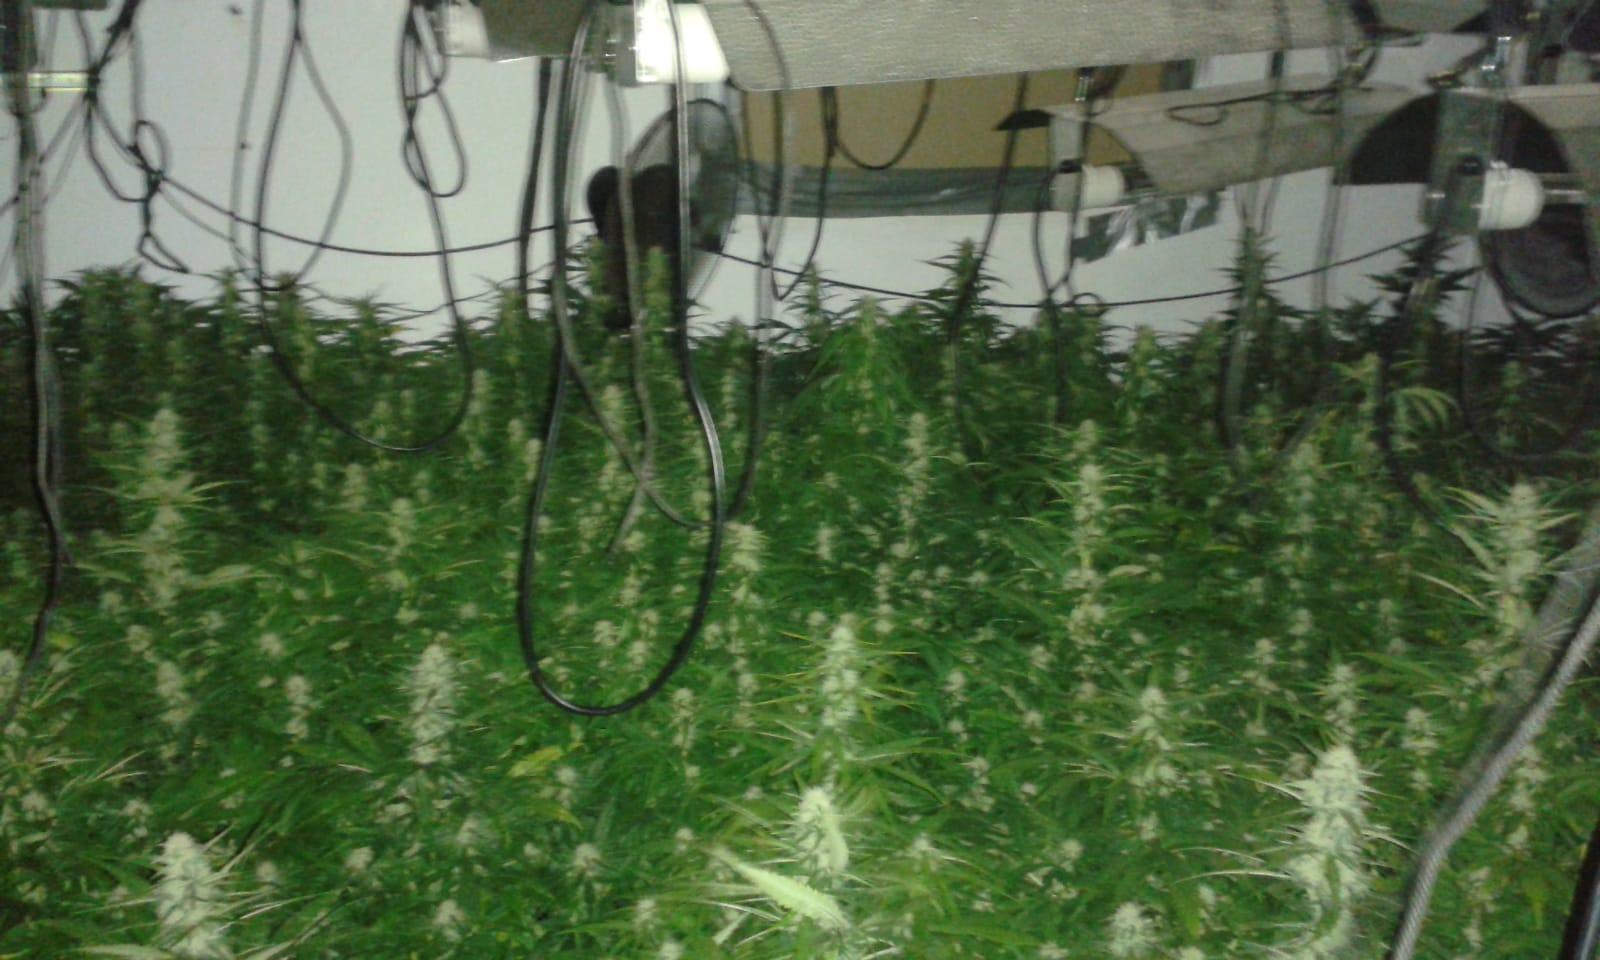 Bomberos plantación marihuana